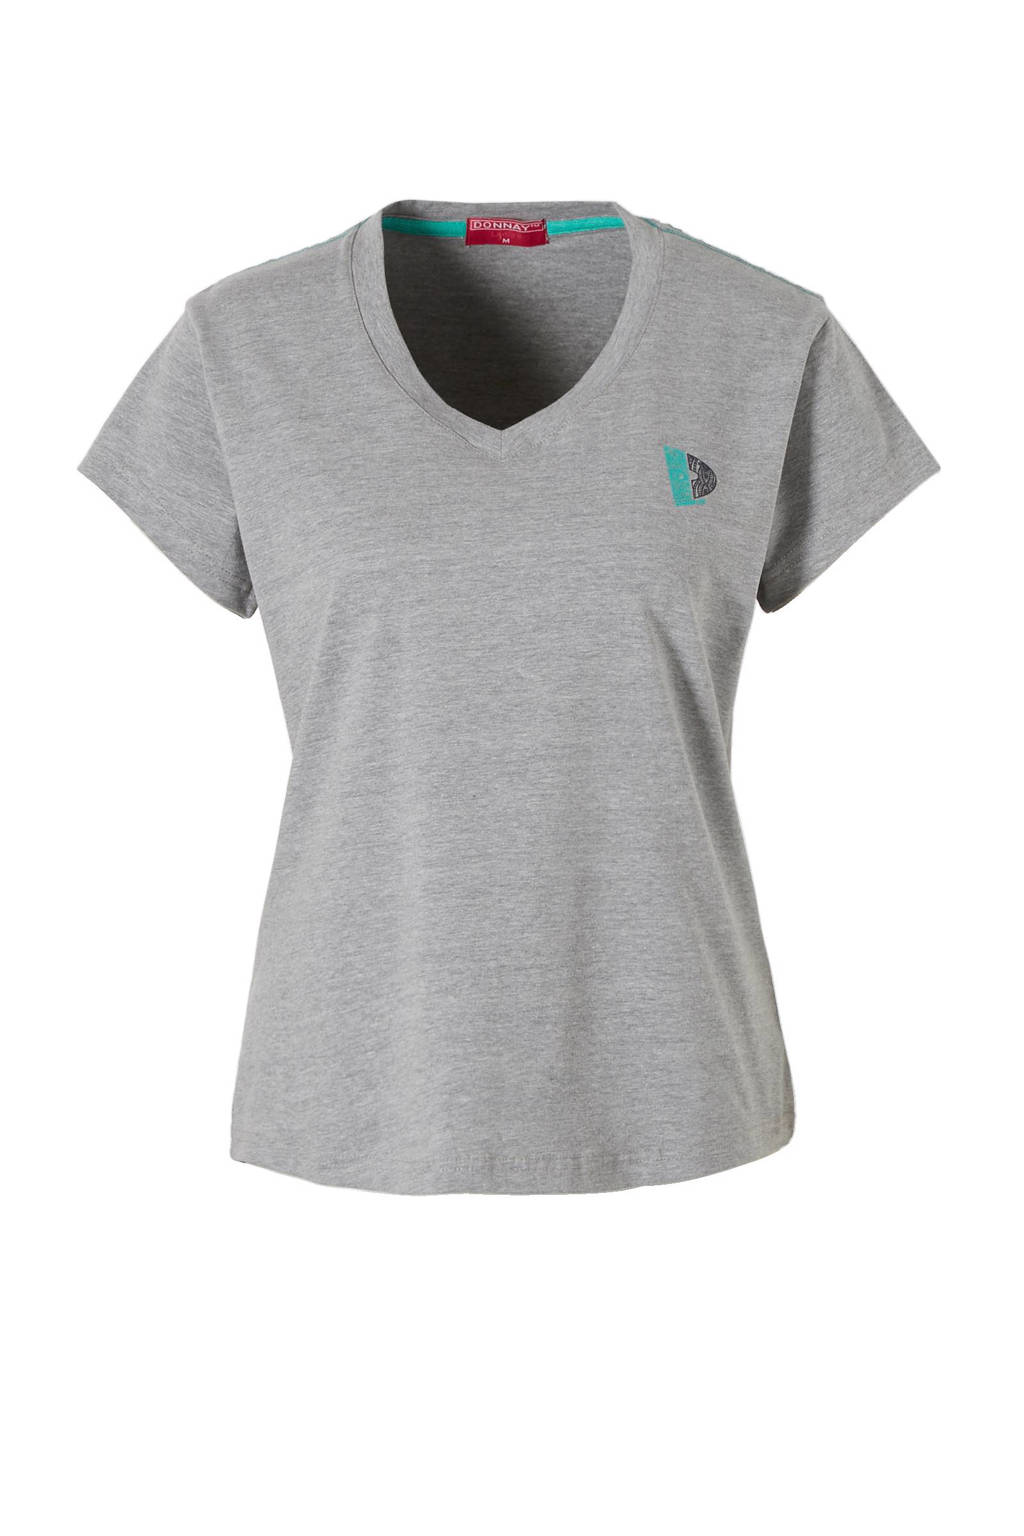 Donnay sport T-shirt grijs gemeleerd, Grijs gemeleerd